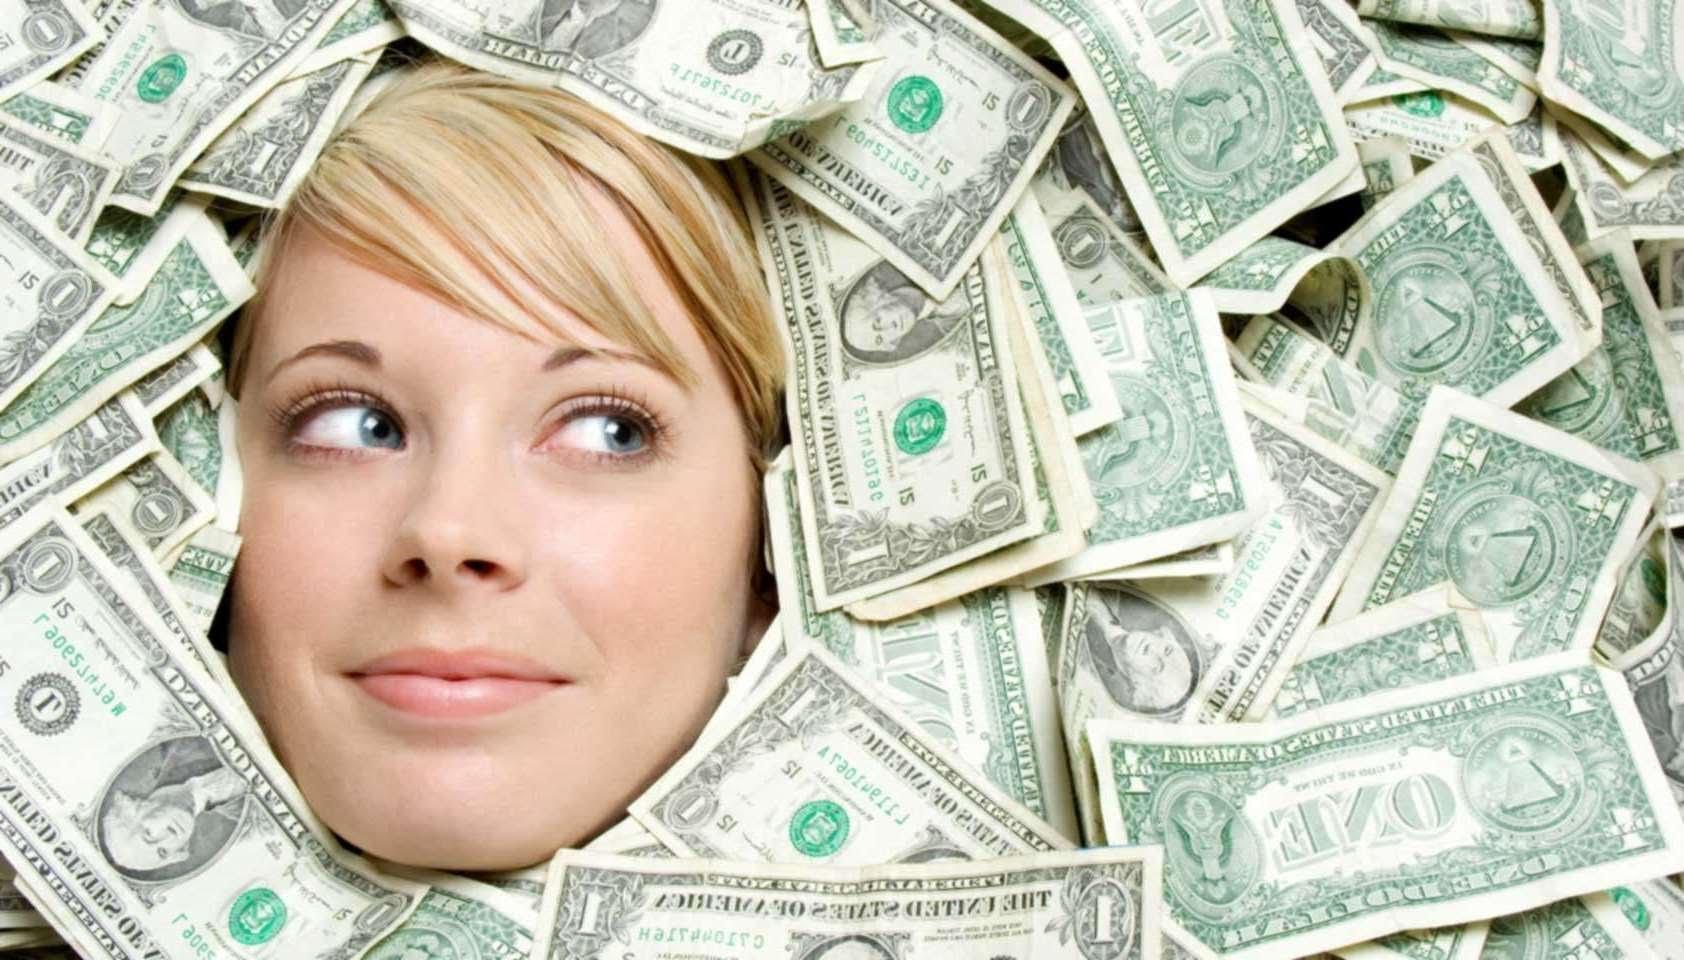 Картинки на аву с деньгами